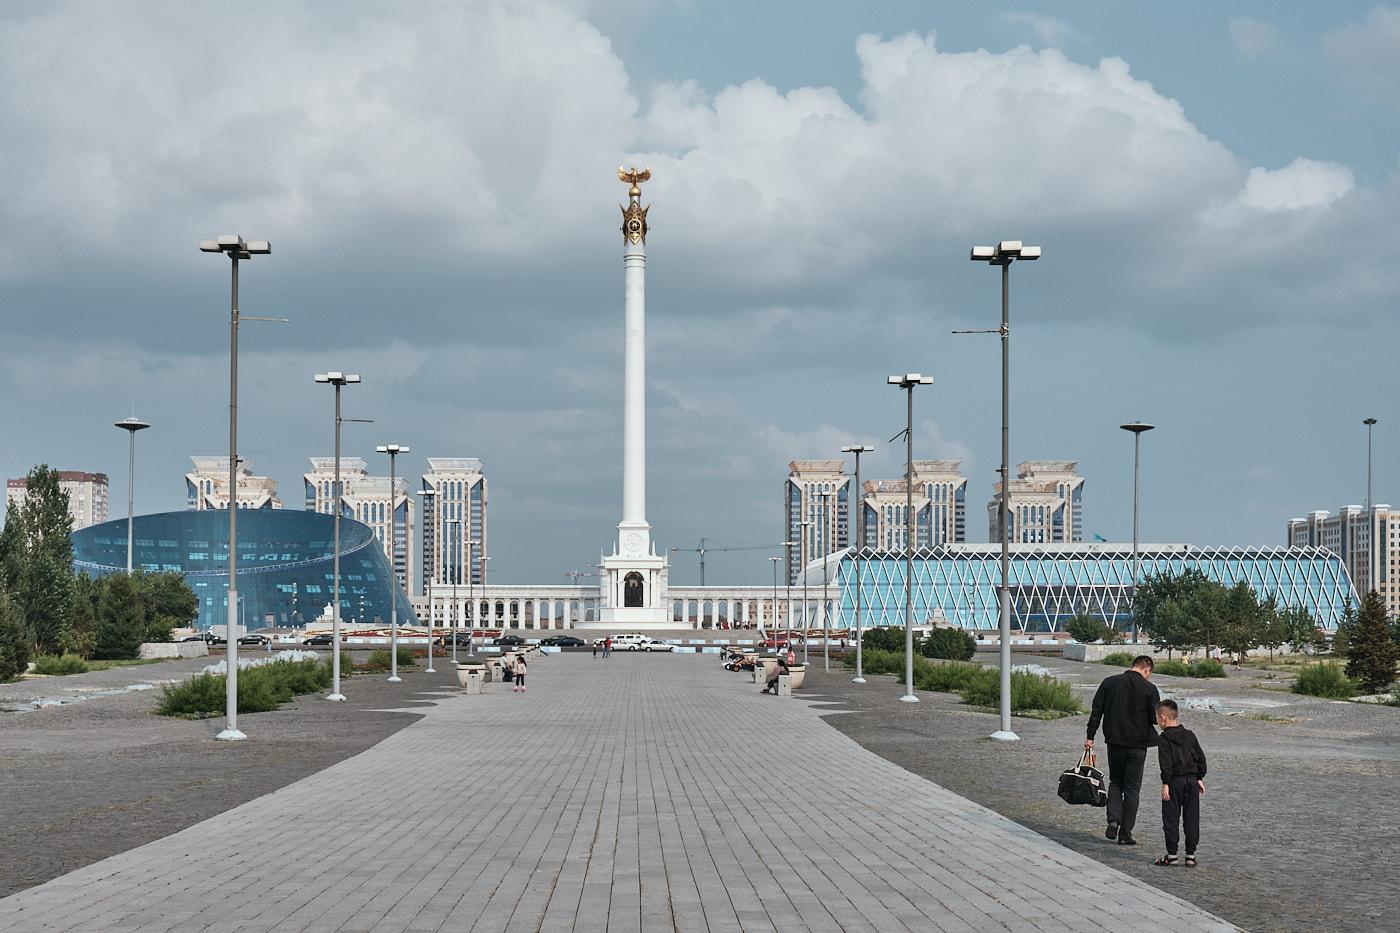 Kazakh Eli Monument am Independence Square, das Symbol der Unabhängigkeit Kasachstans.